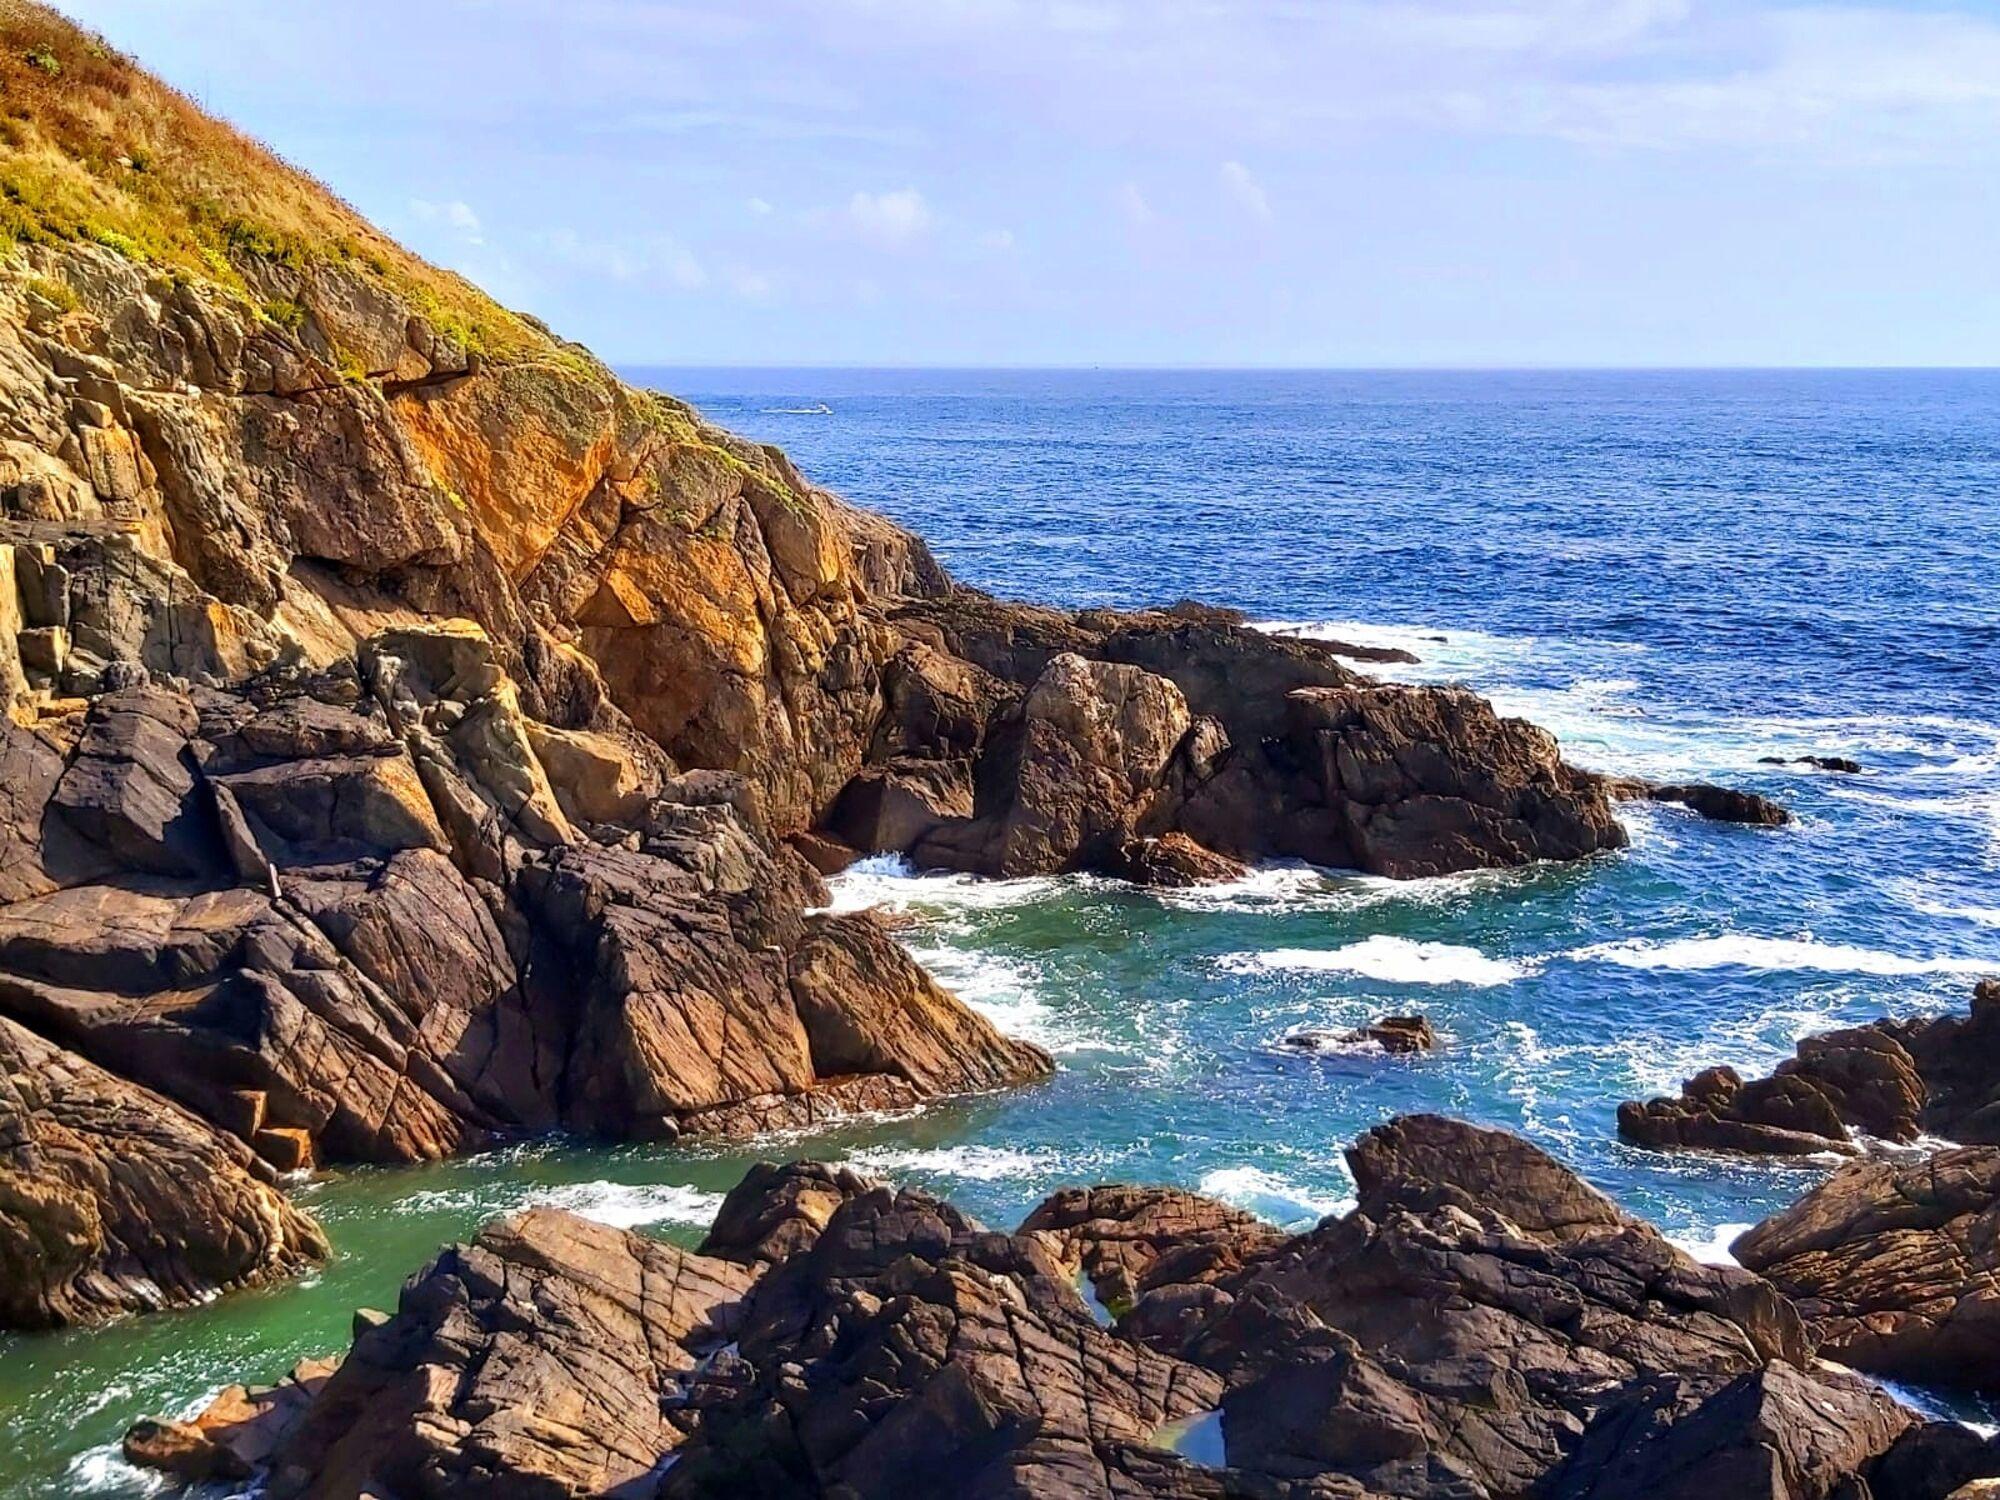 Bild mit Felsen, Meerblick, Entspannung